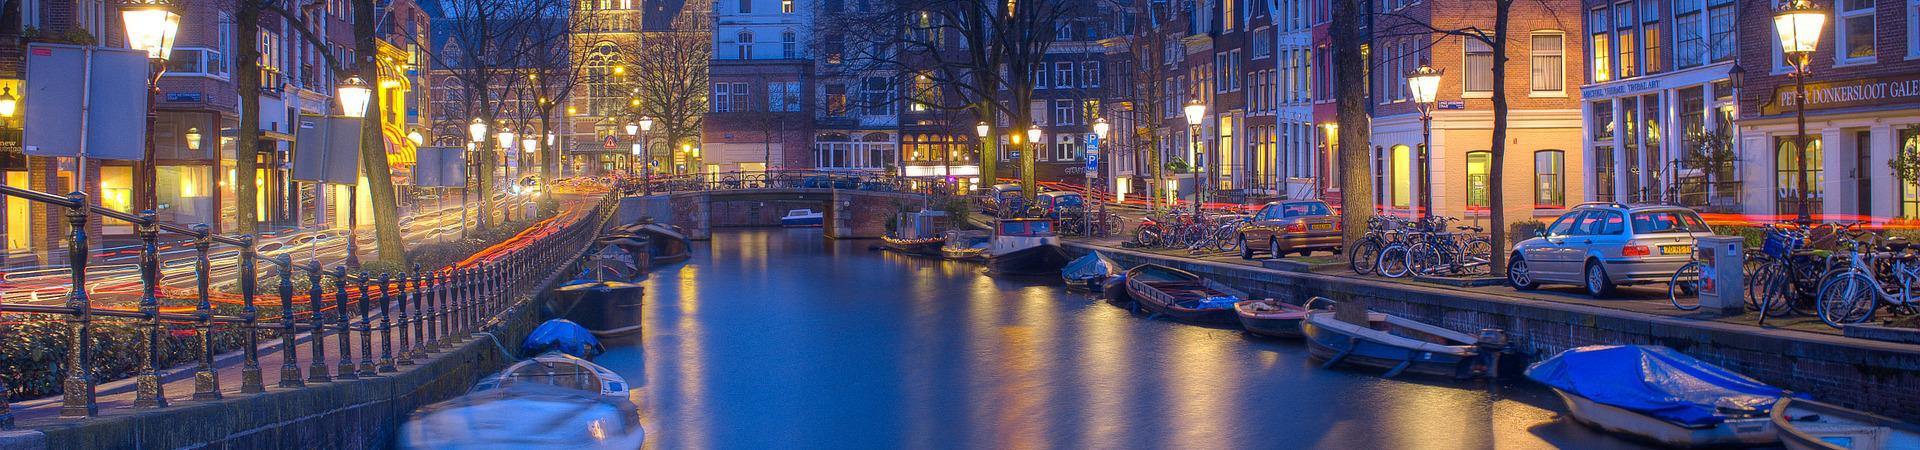 amsterdam-1150319_1920scl